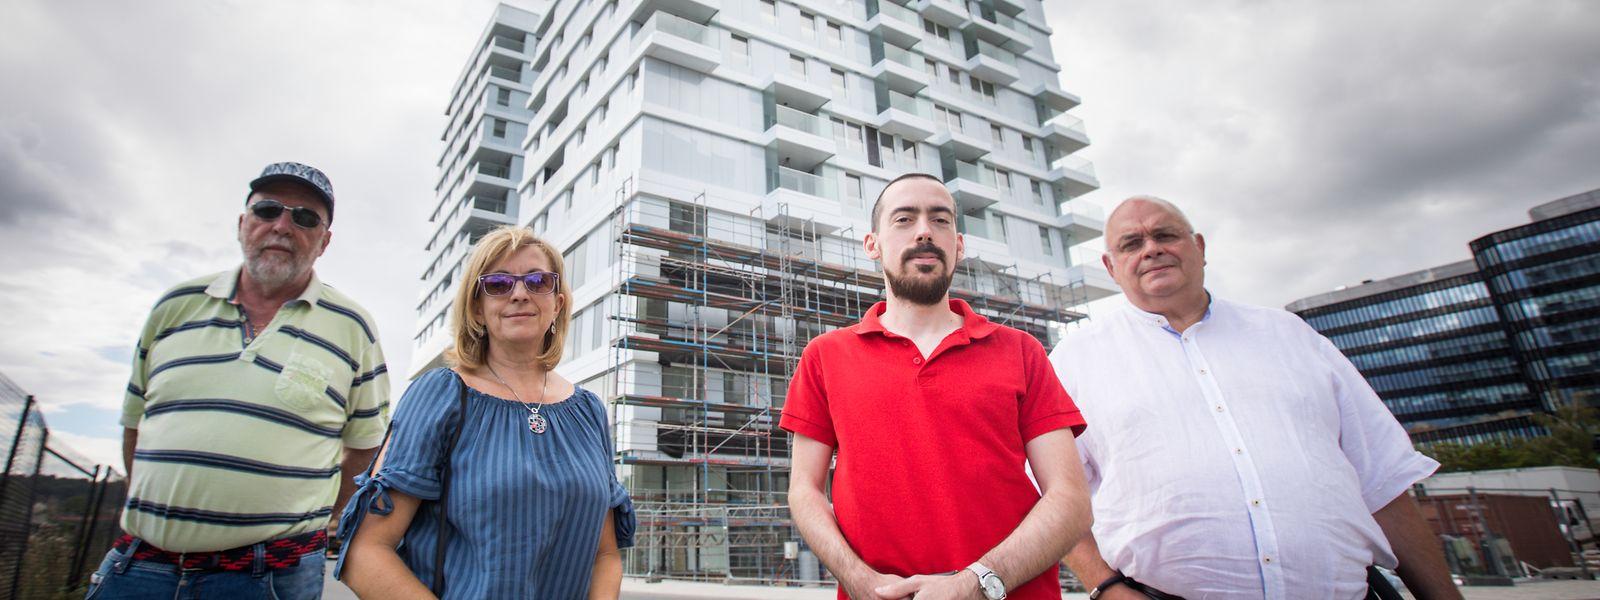 Romain Stolz, Delia Pifarotti, Philippe Majeres und Jean-Jacques Ruppert (v.l.n.r.) warten nun lange Monate darauf, dass ihre Wohnung im Capelli-Doppelturm abgeschlossen wird.